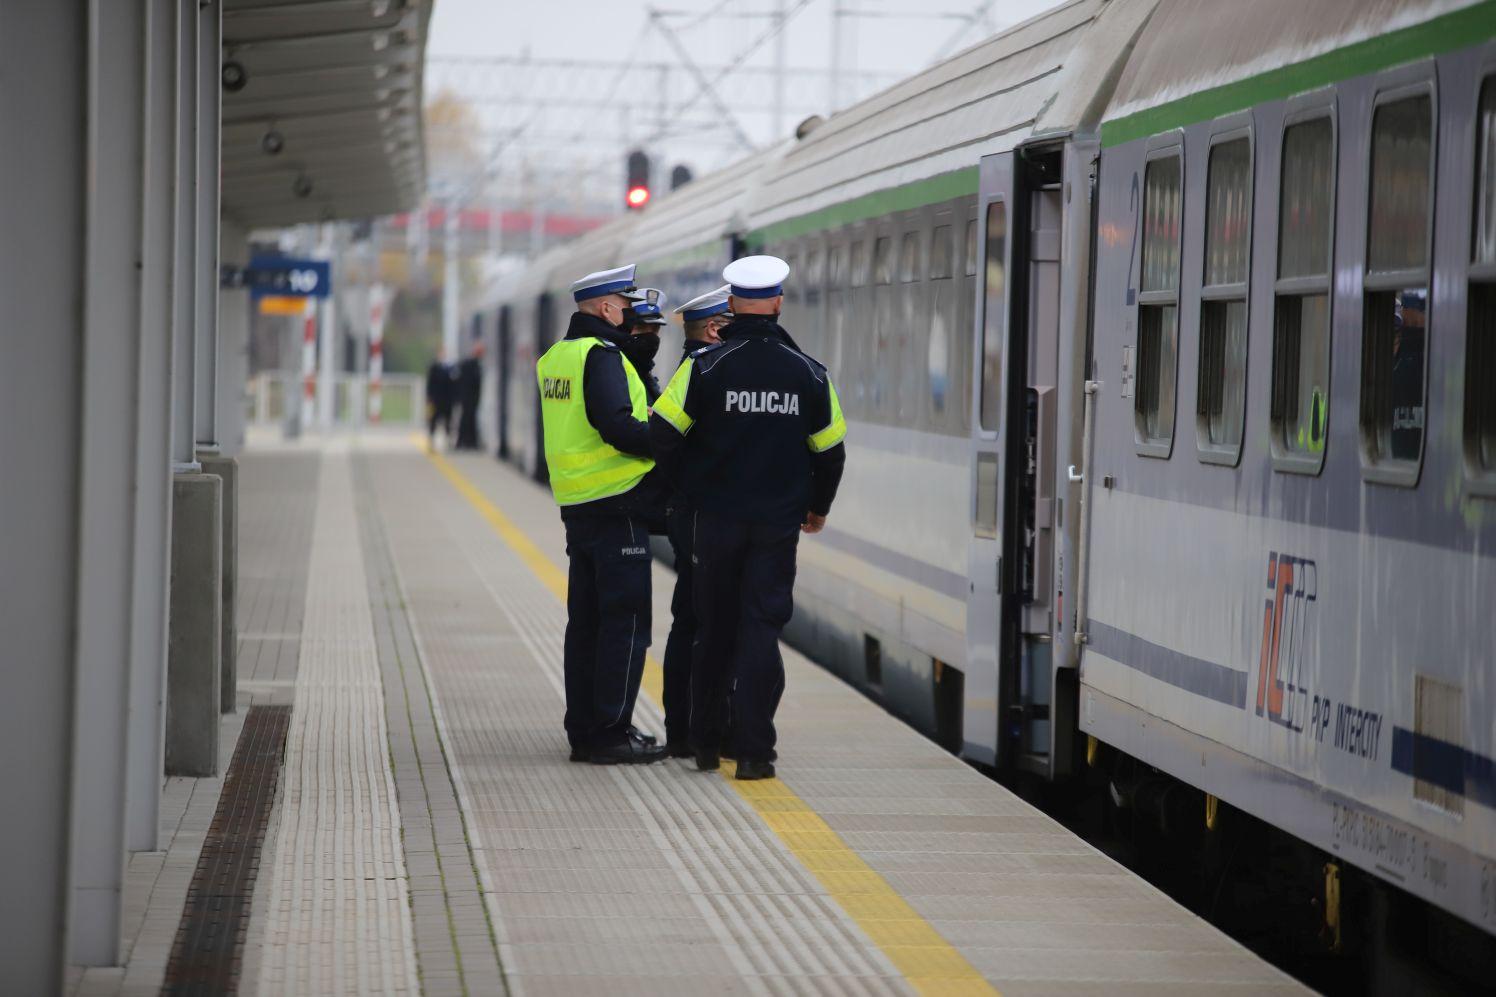 Bezpieczeństwo podczas świąt: policjanci przypominają o podstawowych zasadach - Zdjęcie główne